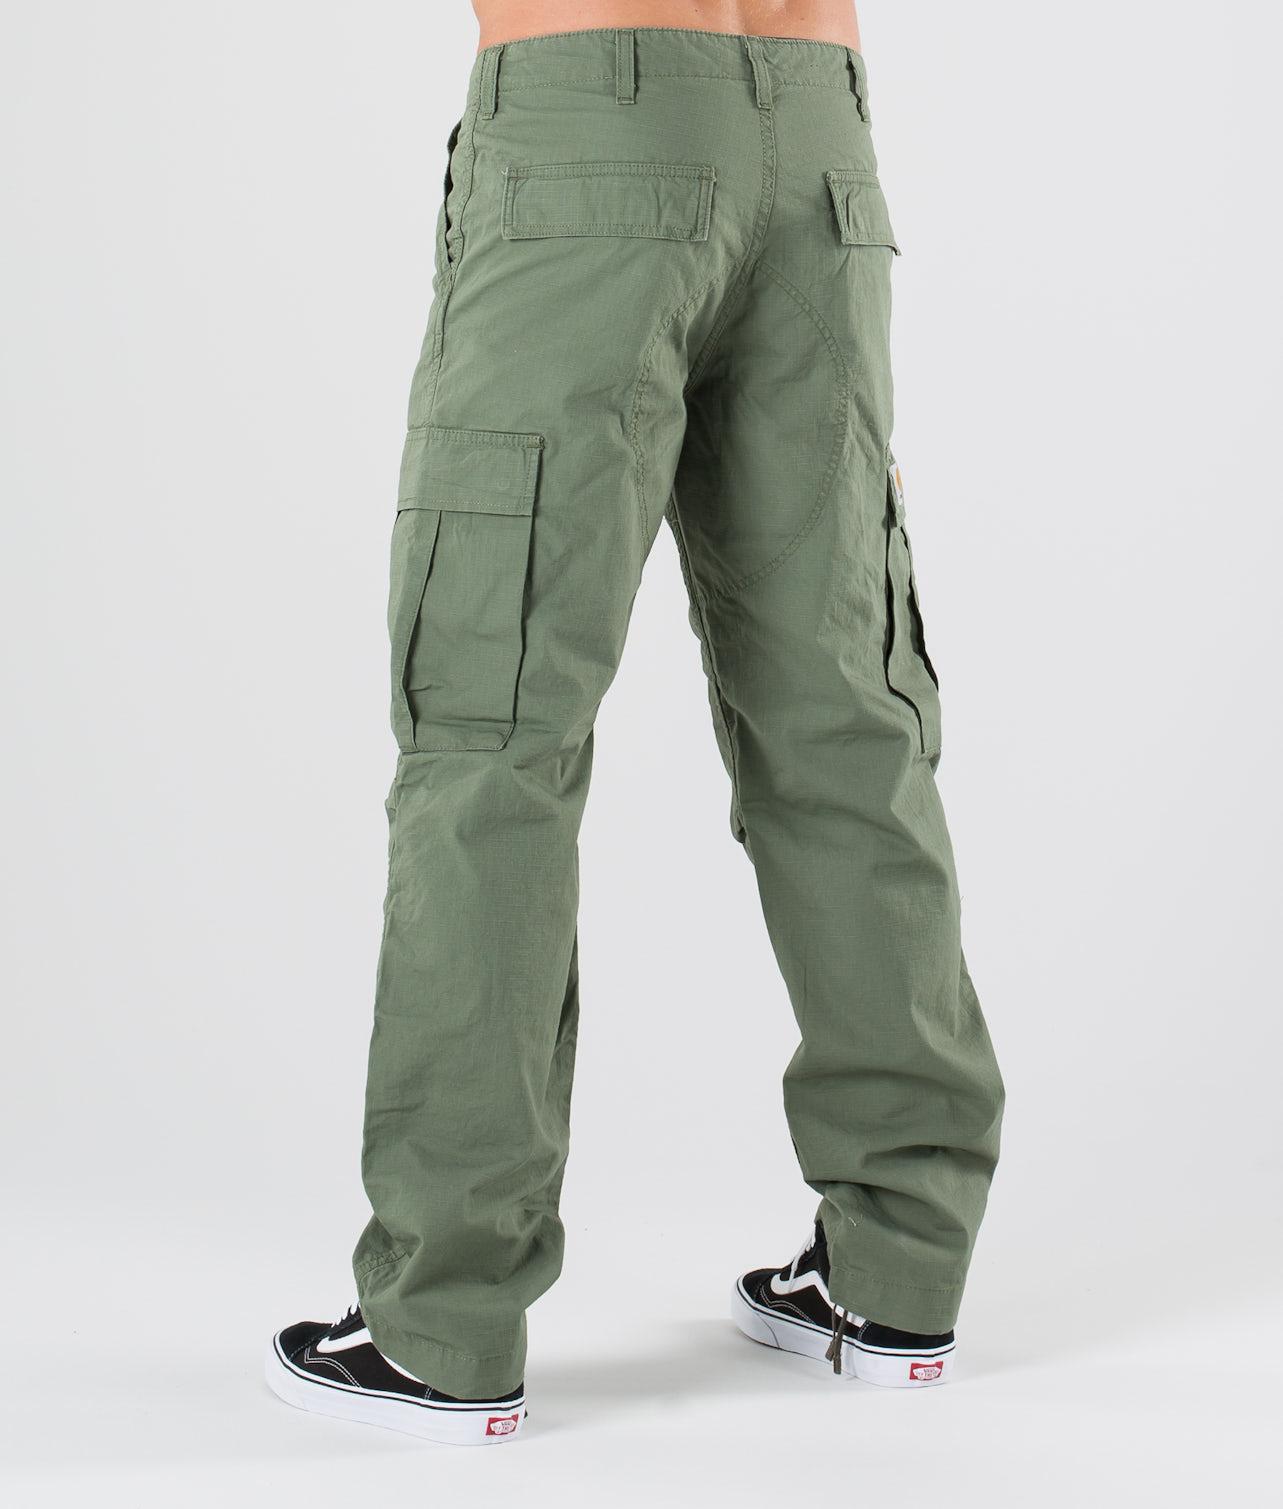 Kjøp Regular Cargo Pant Bukser fra Carhartt på Ridestore.no - Hos oss har du alltid fri frakt, fri retur og 30 dagers åpent kjøp!